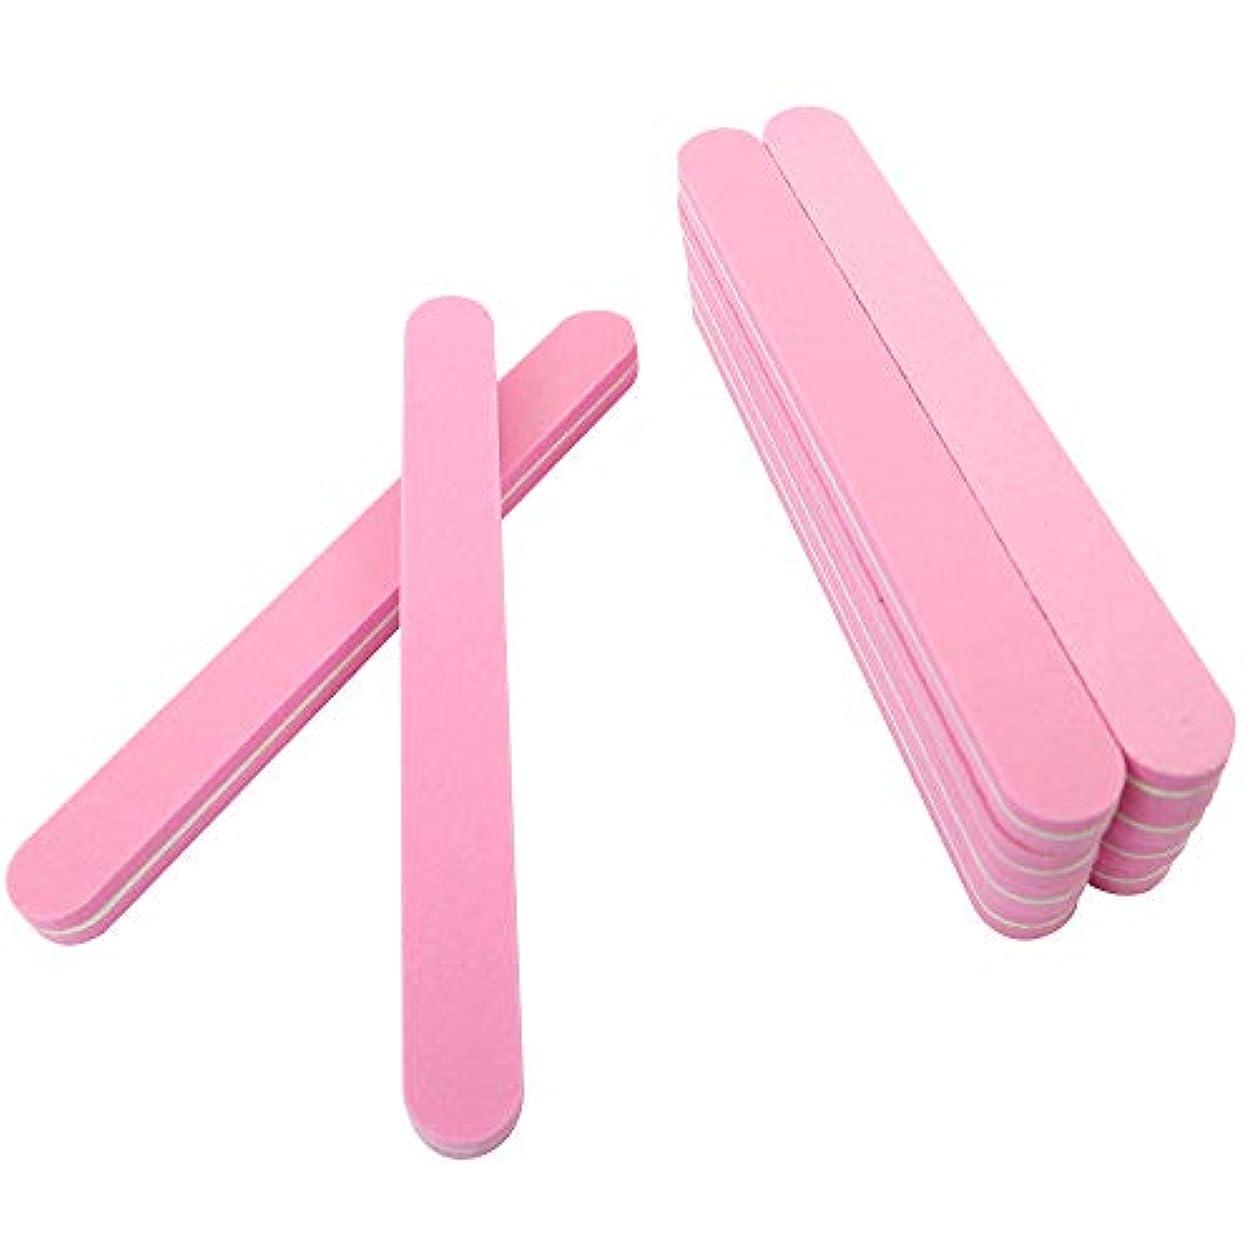 騙す印象あるSIEG つめピカ 爪やすり 爪先美人をめざす2ステップ磨きのネイルシャイナー 10本セット